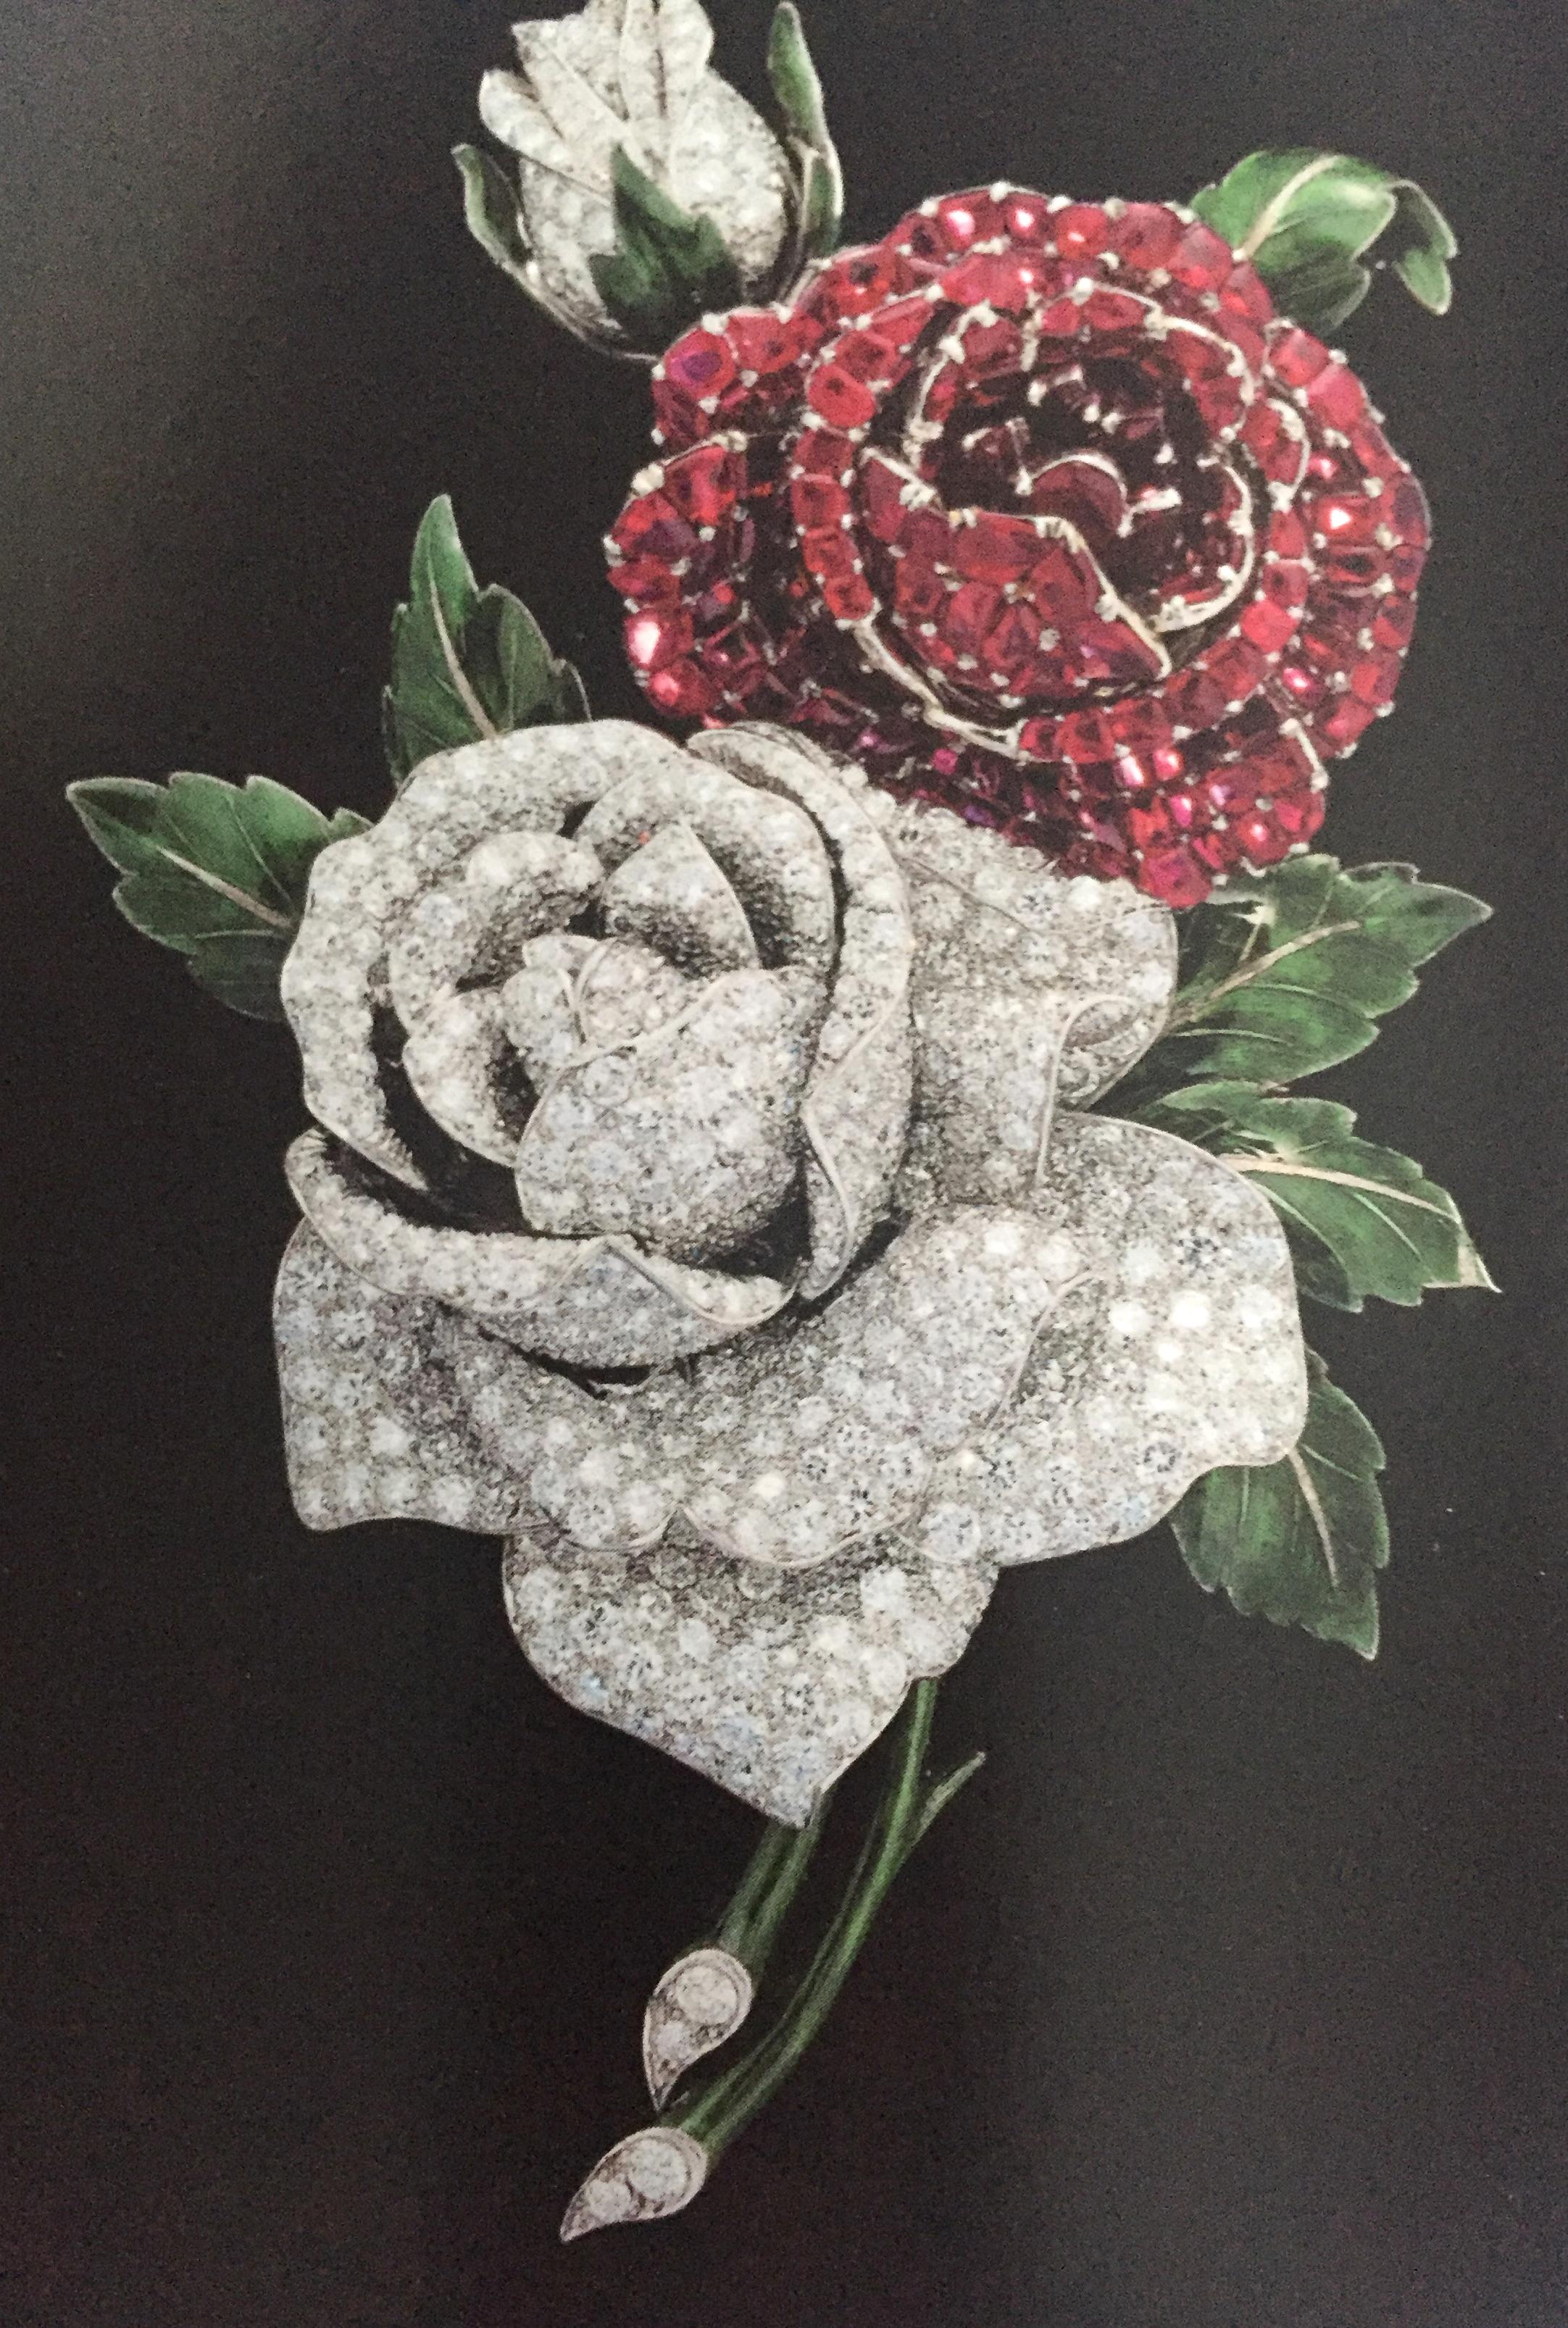 Diamond, ruby and emerald floral brooch by Oscar Heyman.